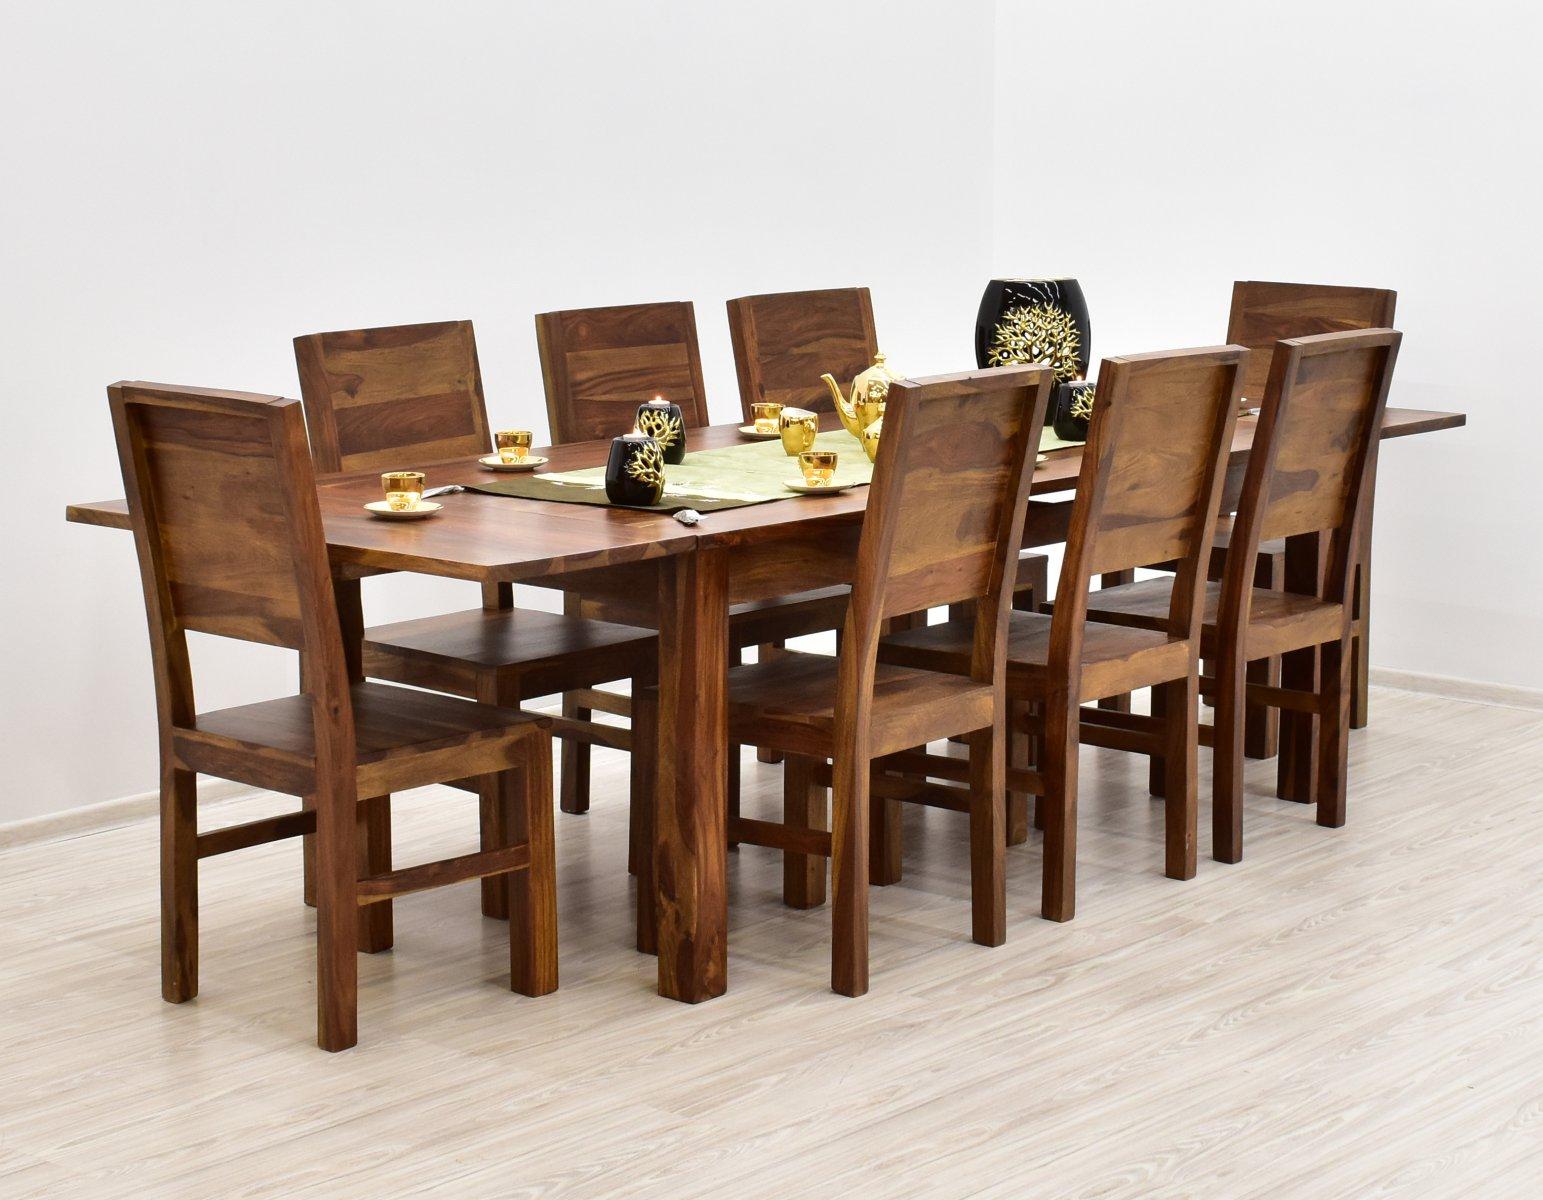 Komplet obiadowy kolonialny stół rozkładany + 8 krzeseł z litego drewna palisandru jasny brąz